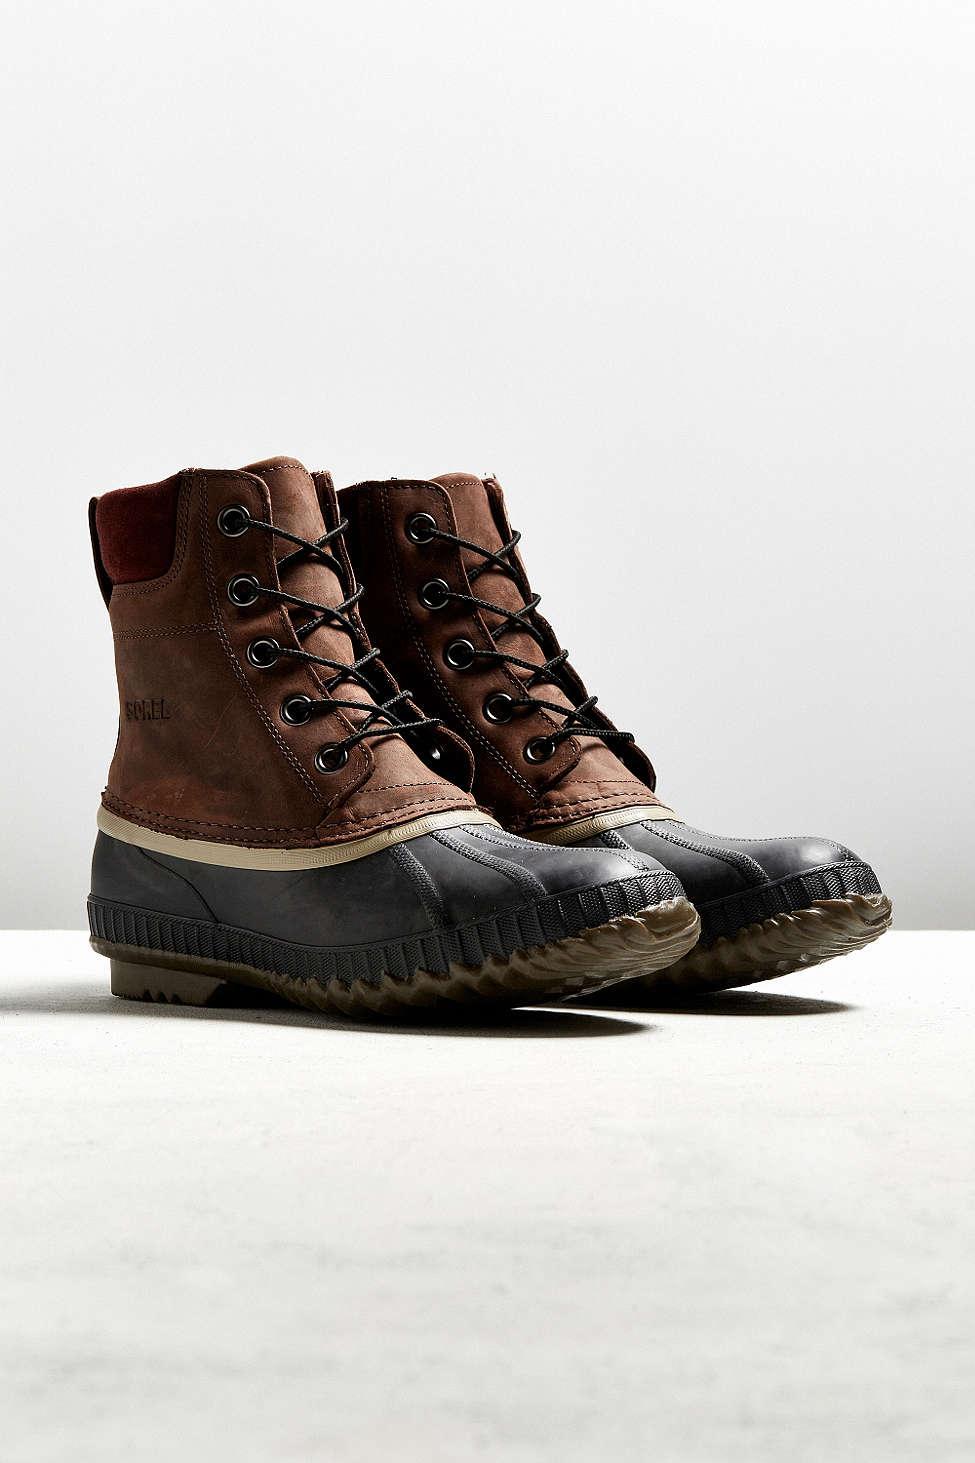 Sorel Waterproof Duck Boots $135